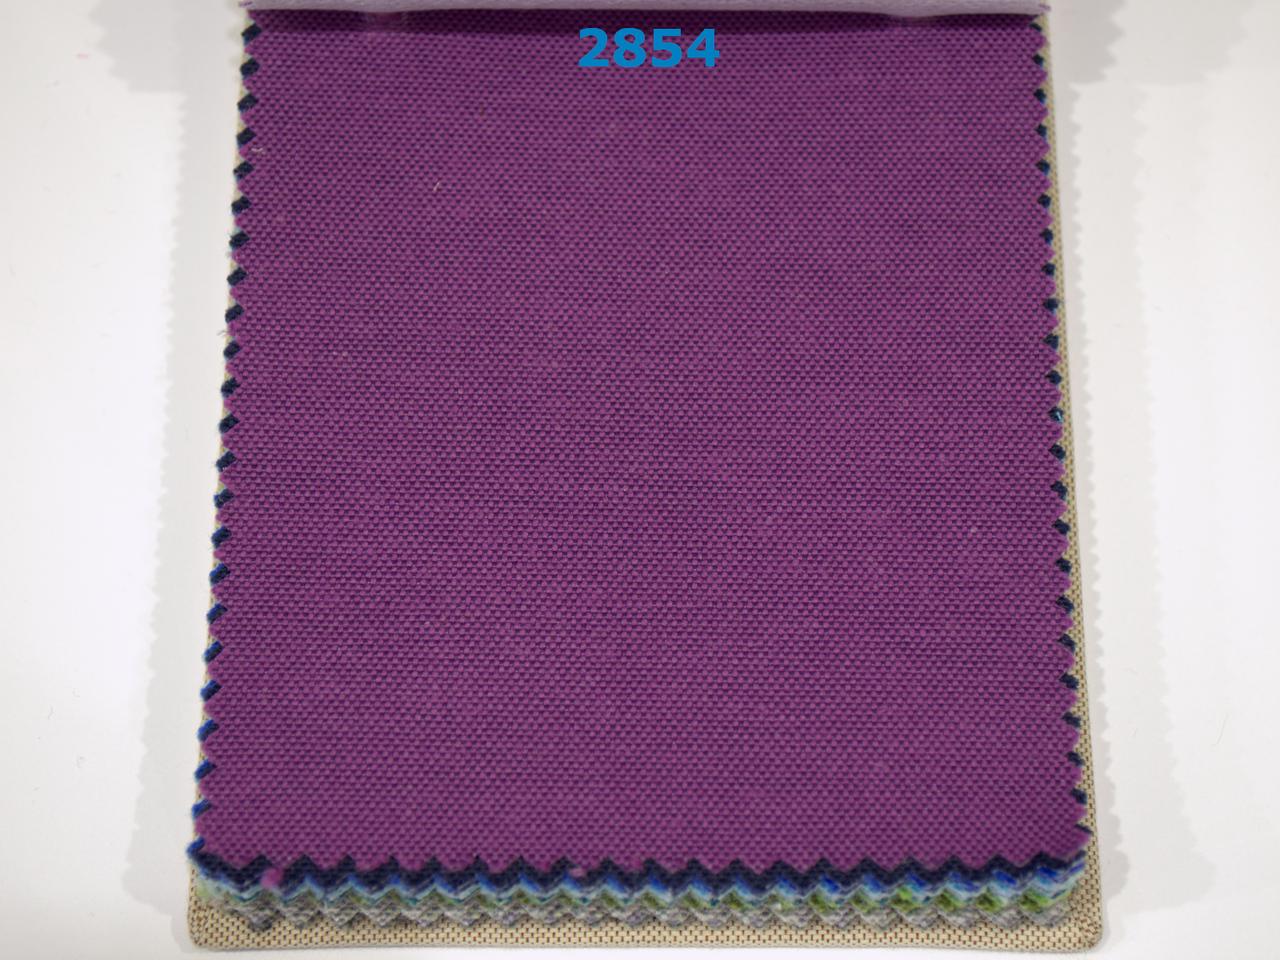 Тканина для Скатертин Баклажан з просоченням Тефлон-180 Однотонна Туреччина 180см ширина